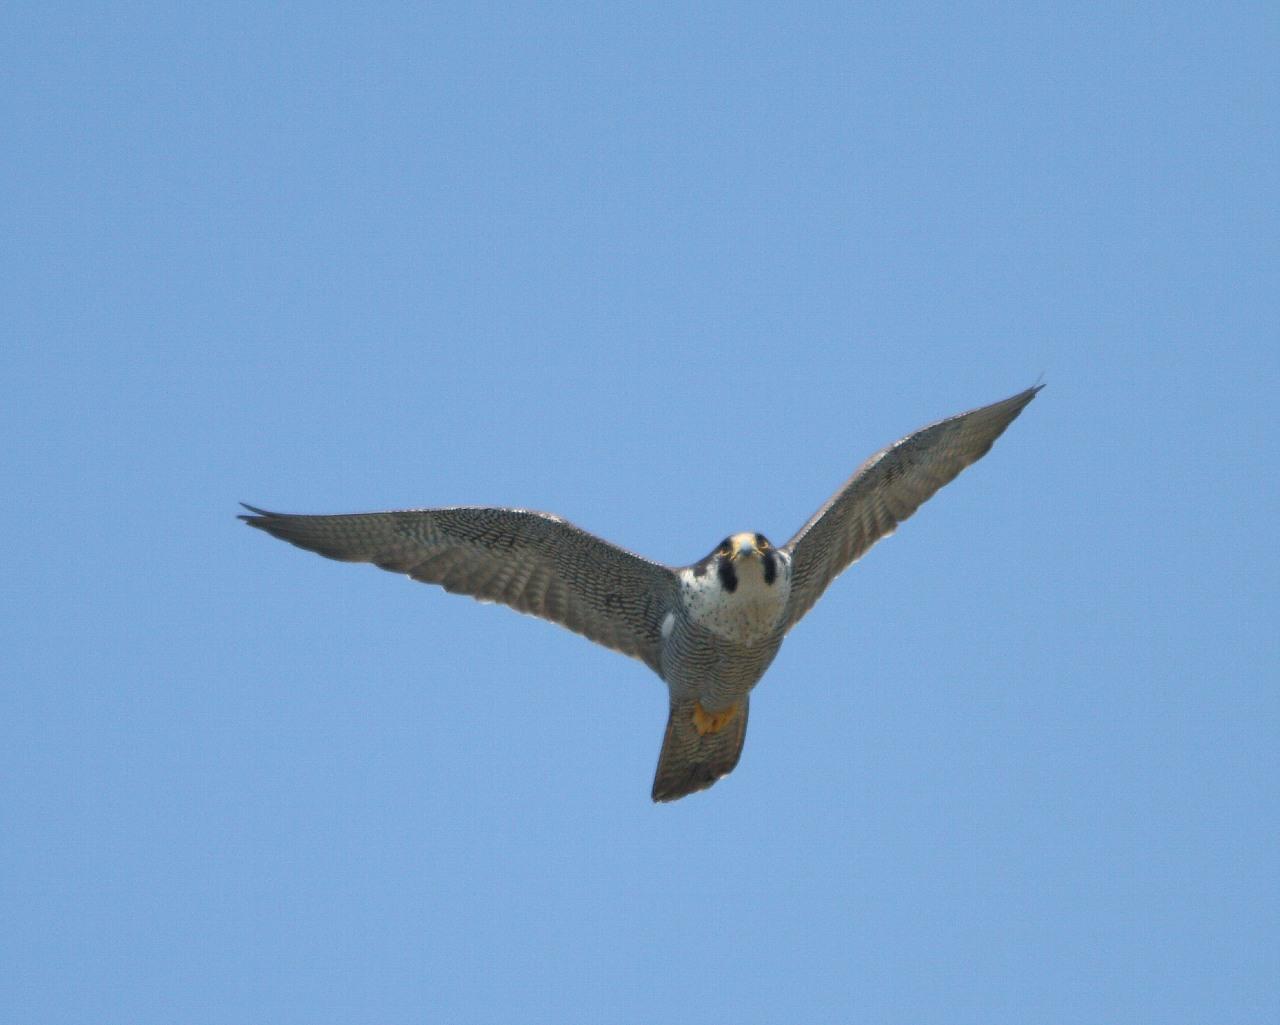 伊良湖で逢えそうな猛禽達_f0105570_2304165.jpg